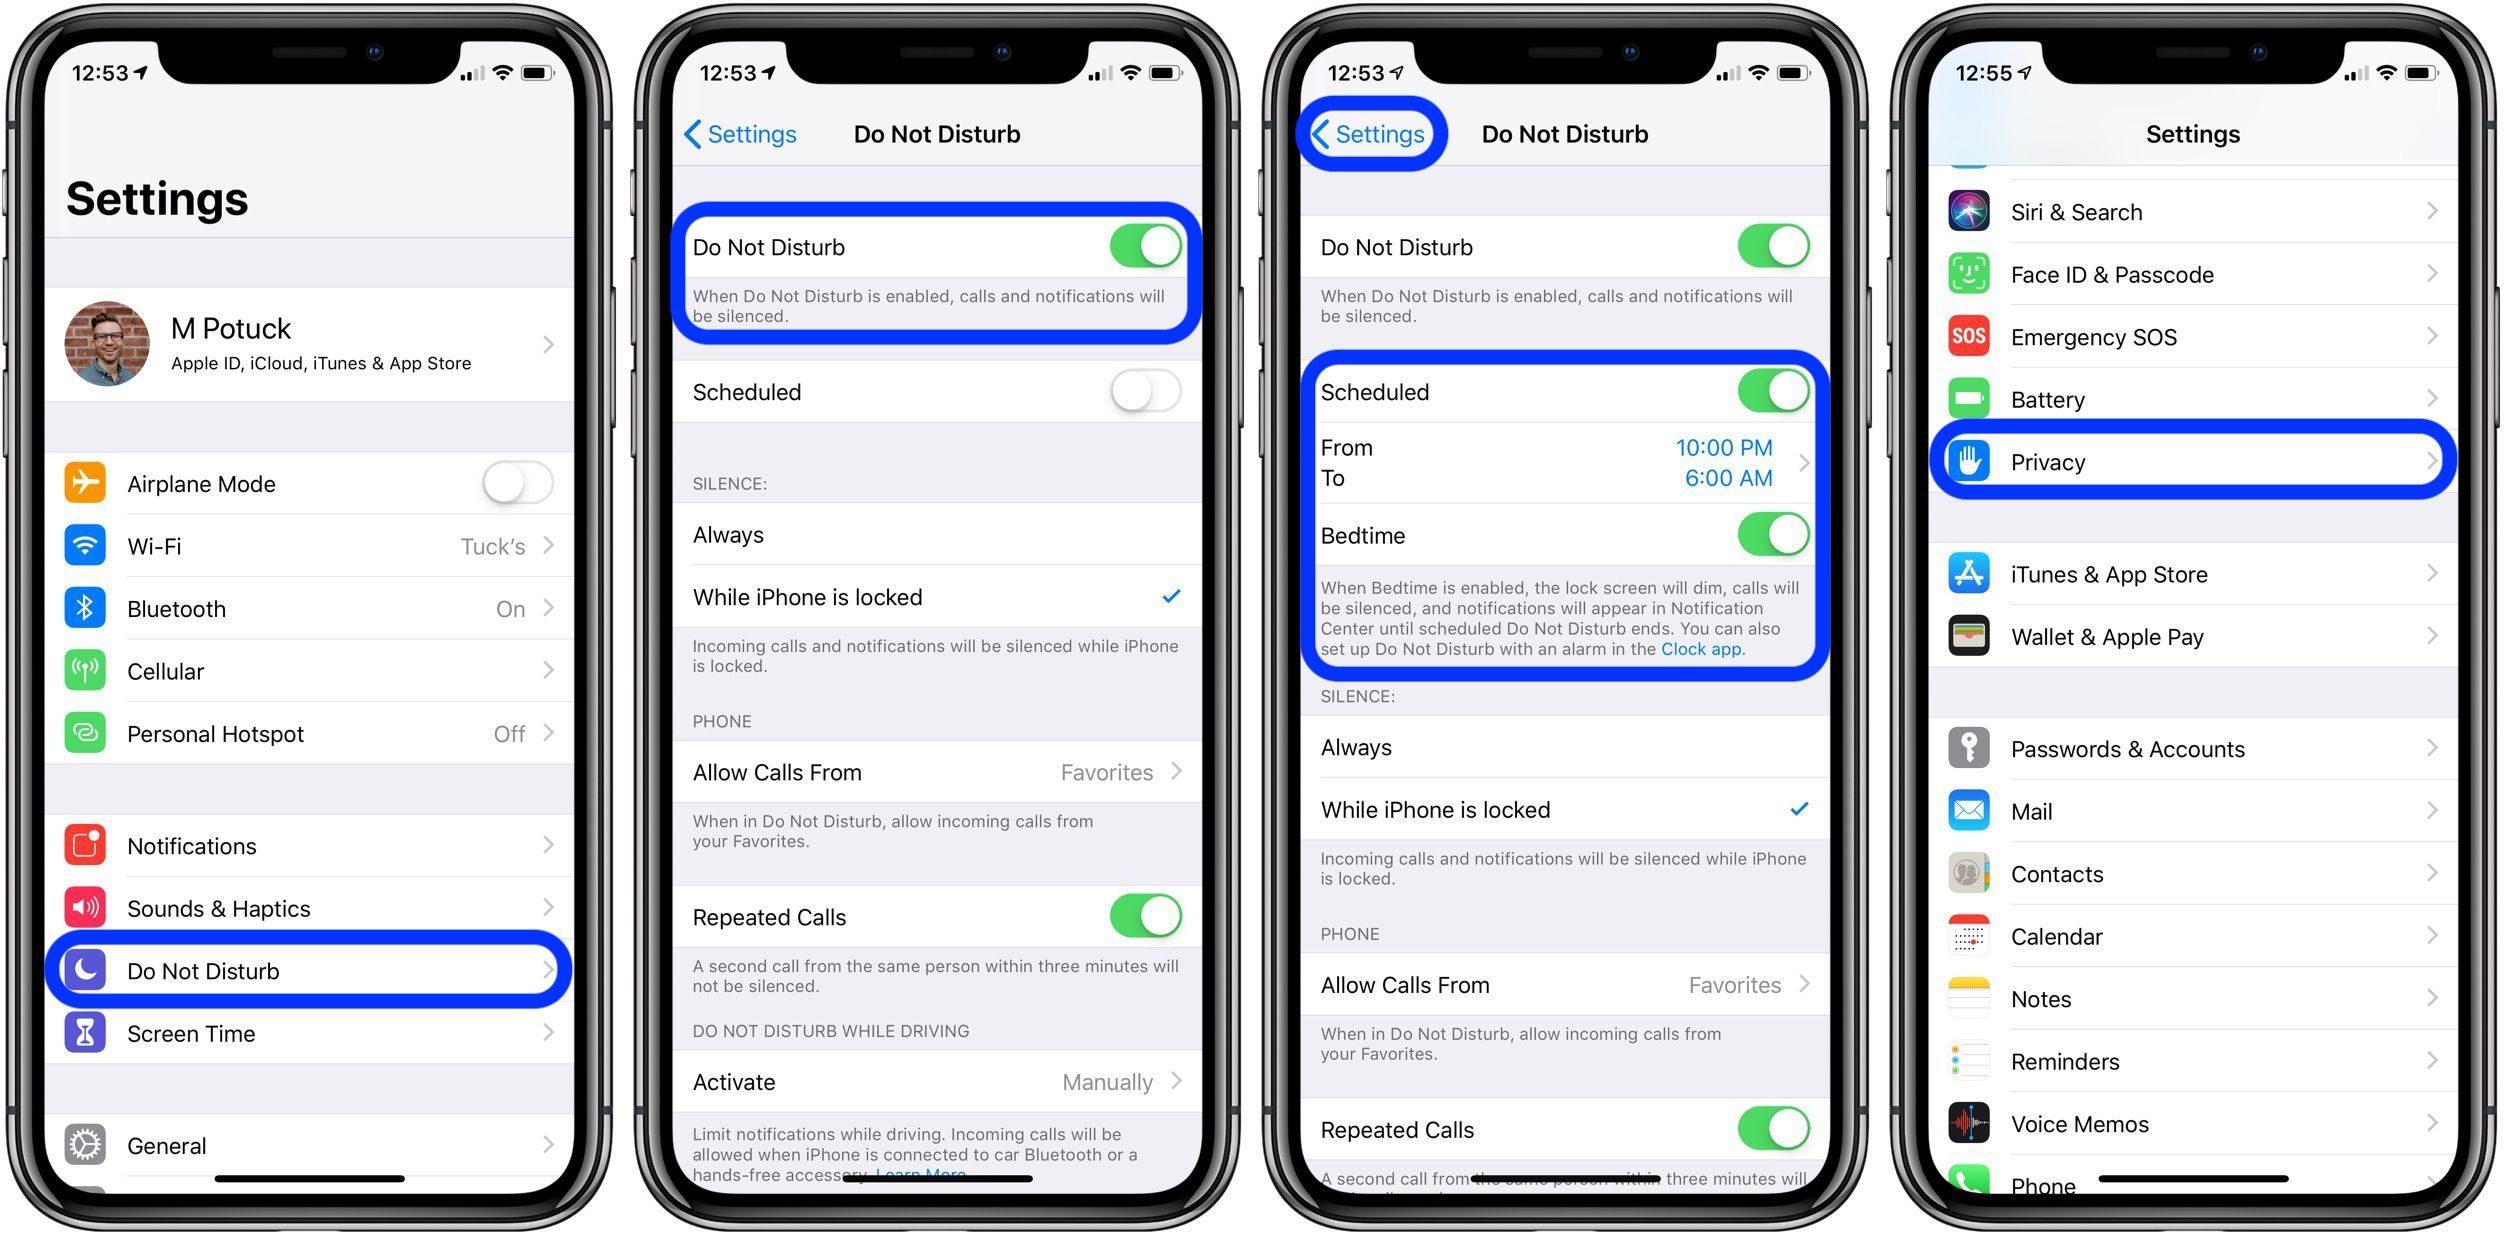 """<span href=""""https://9to5mac.com/2018/11/30/add-weather-summary-to-iphone-lock-screen/"""">¿Cómo agregar clima resumen de tu iPhone de la pantalla de Bloqueo</a>"""